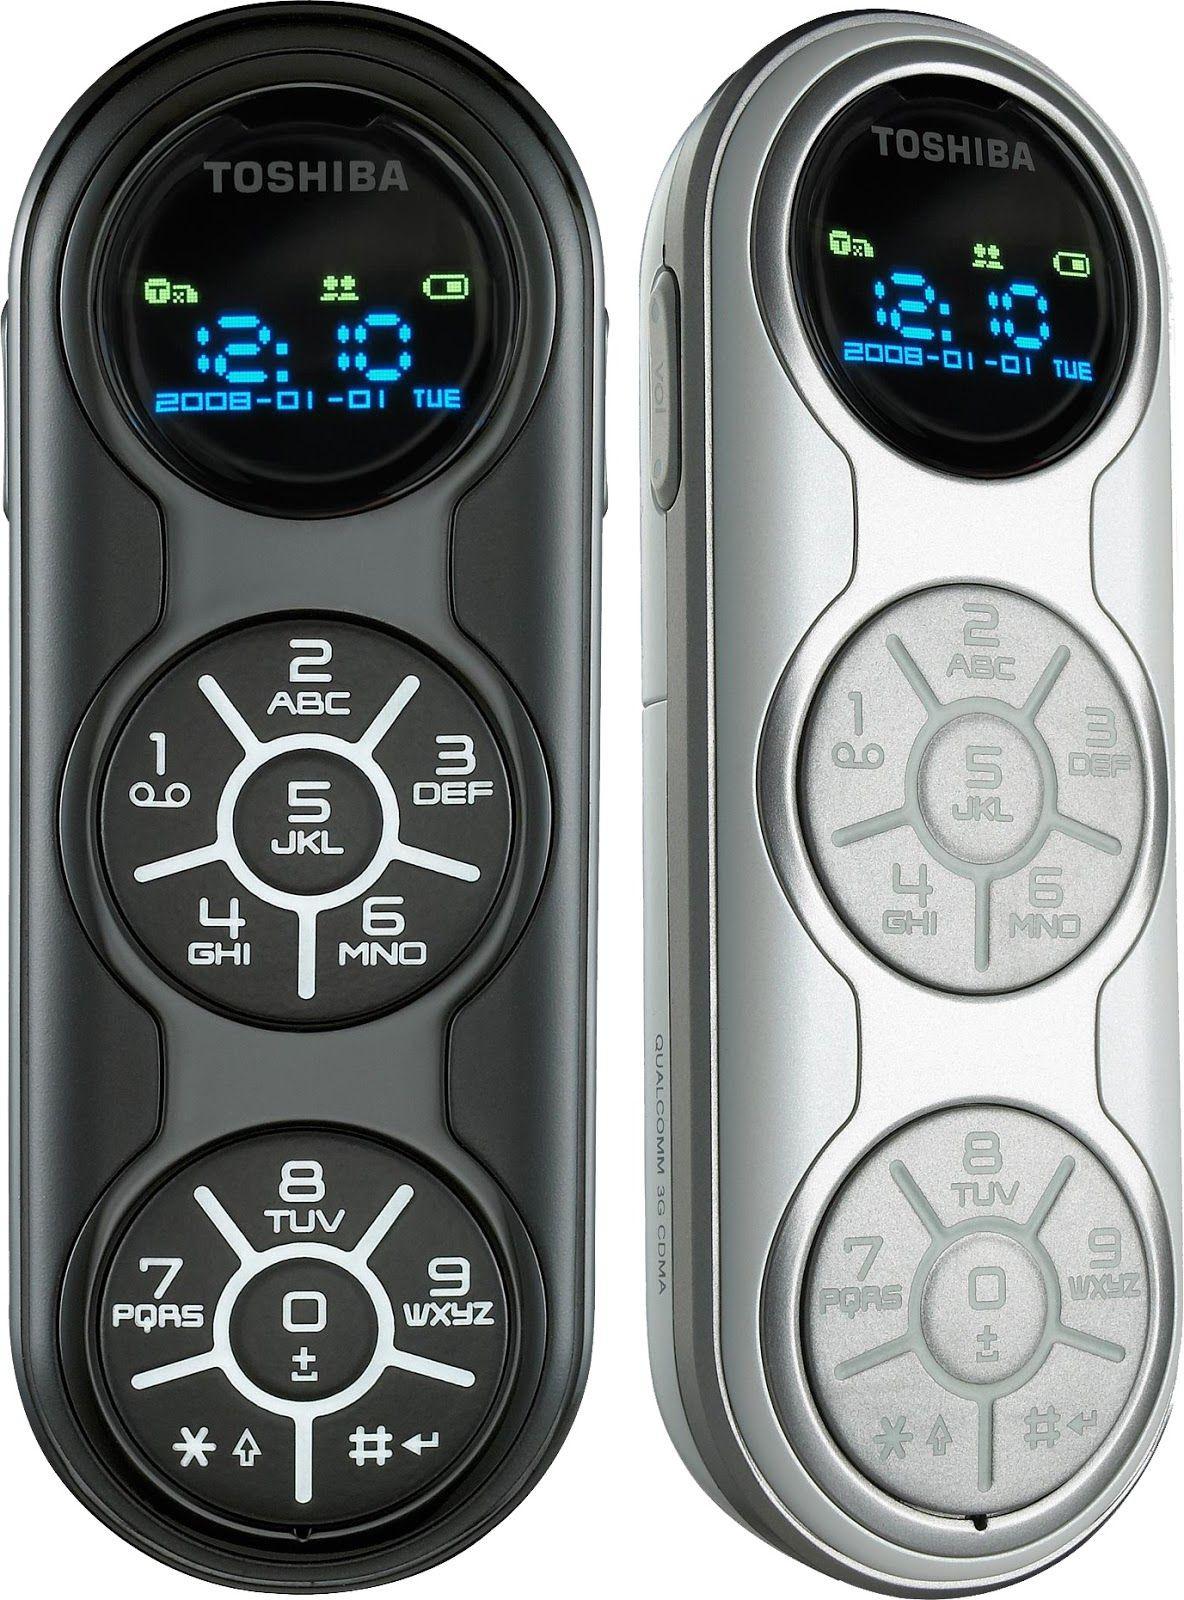 Gelmiş geçmiş en çirkin tasarıma sahip telefonlar - Page 3